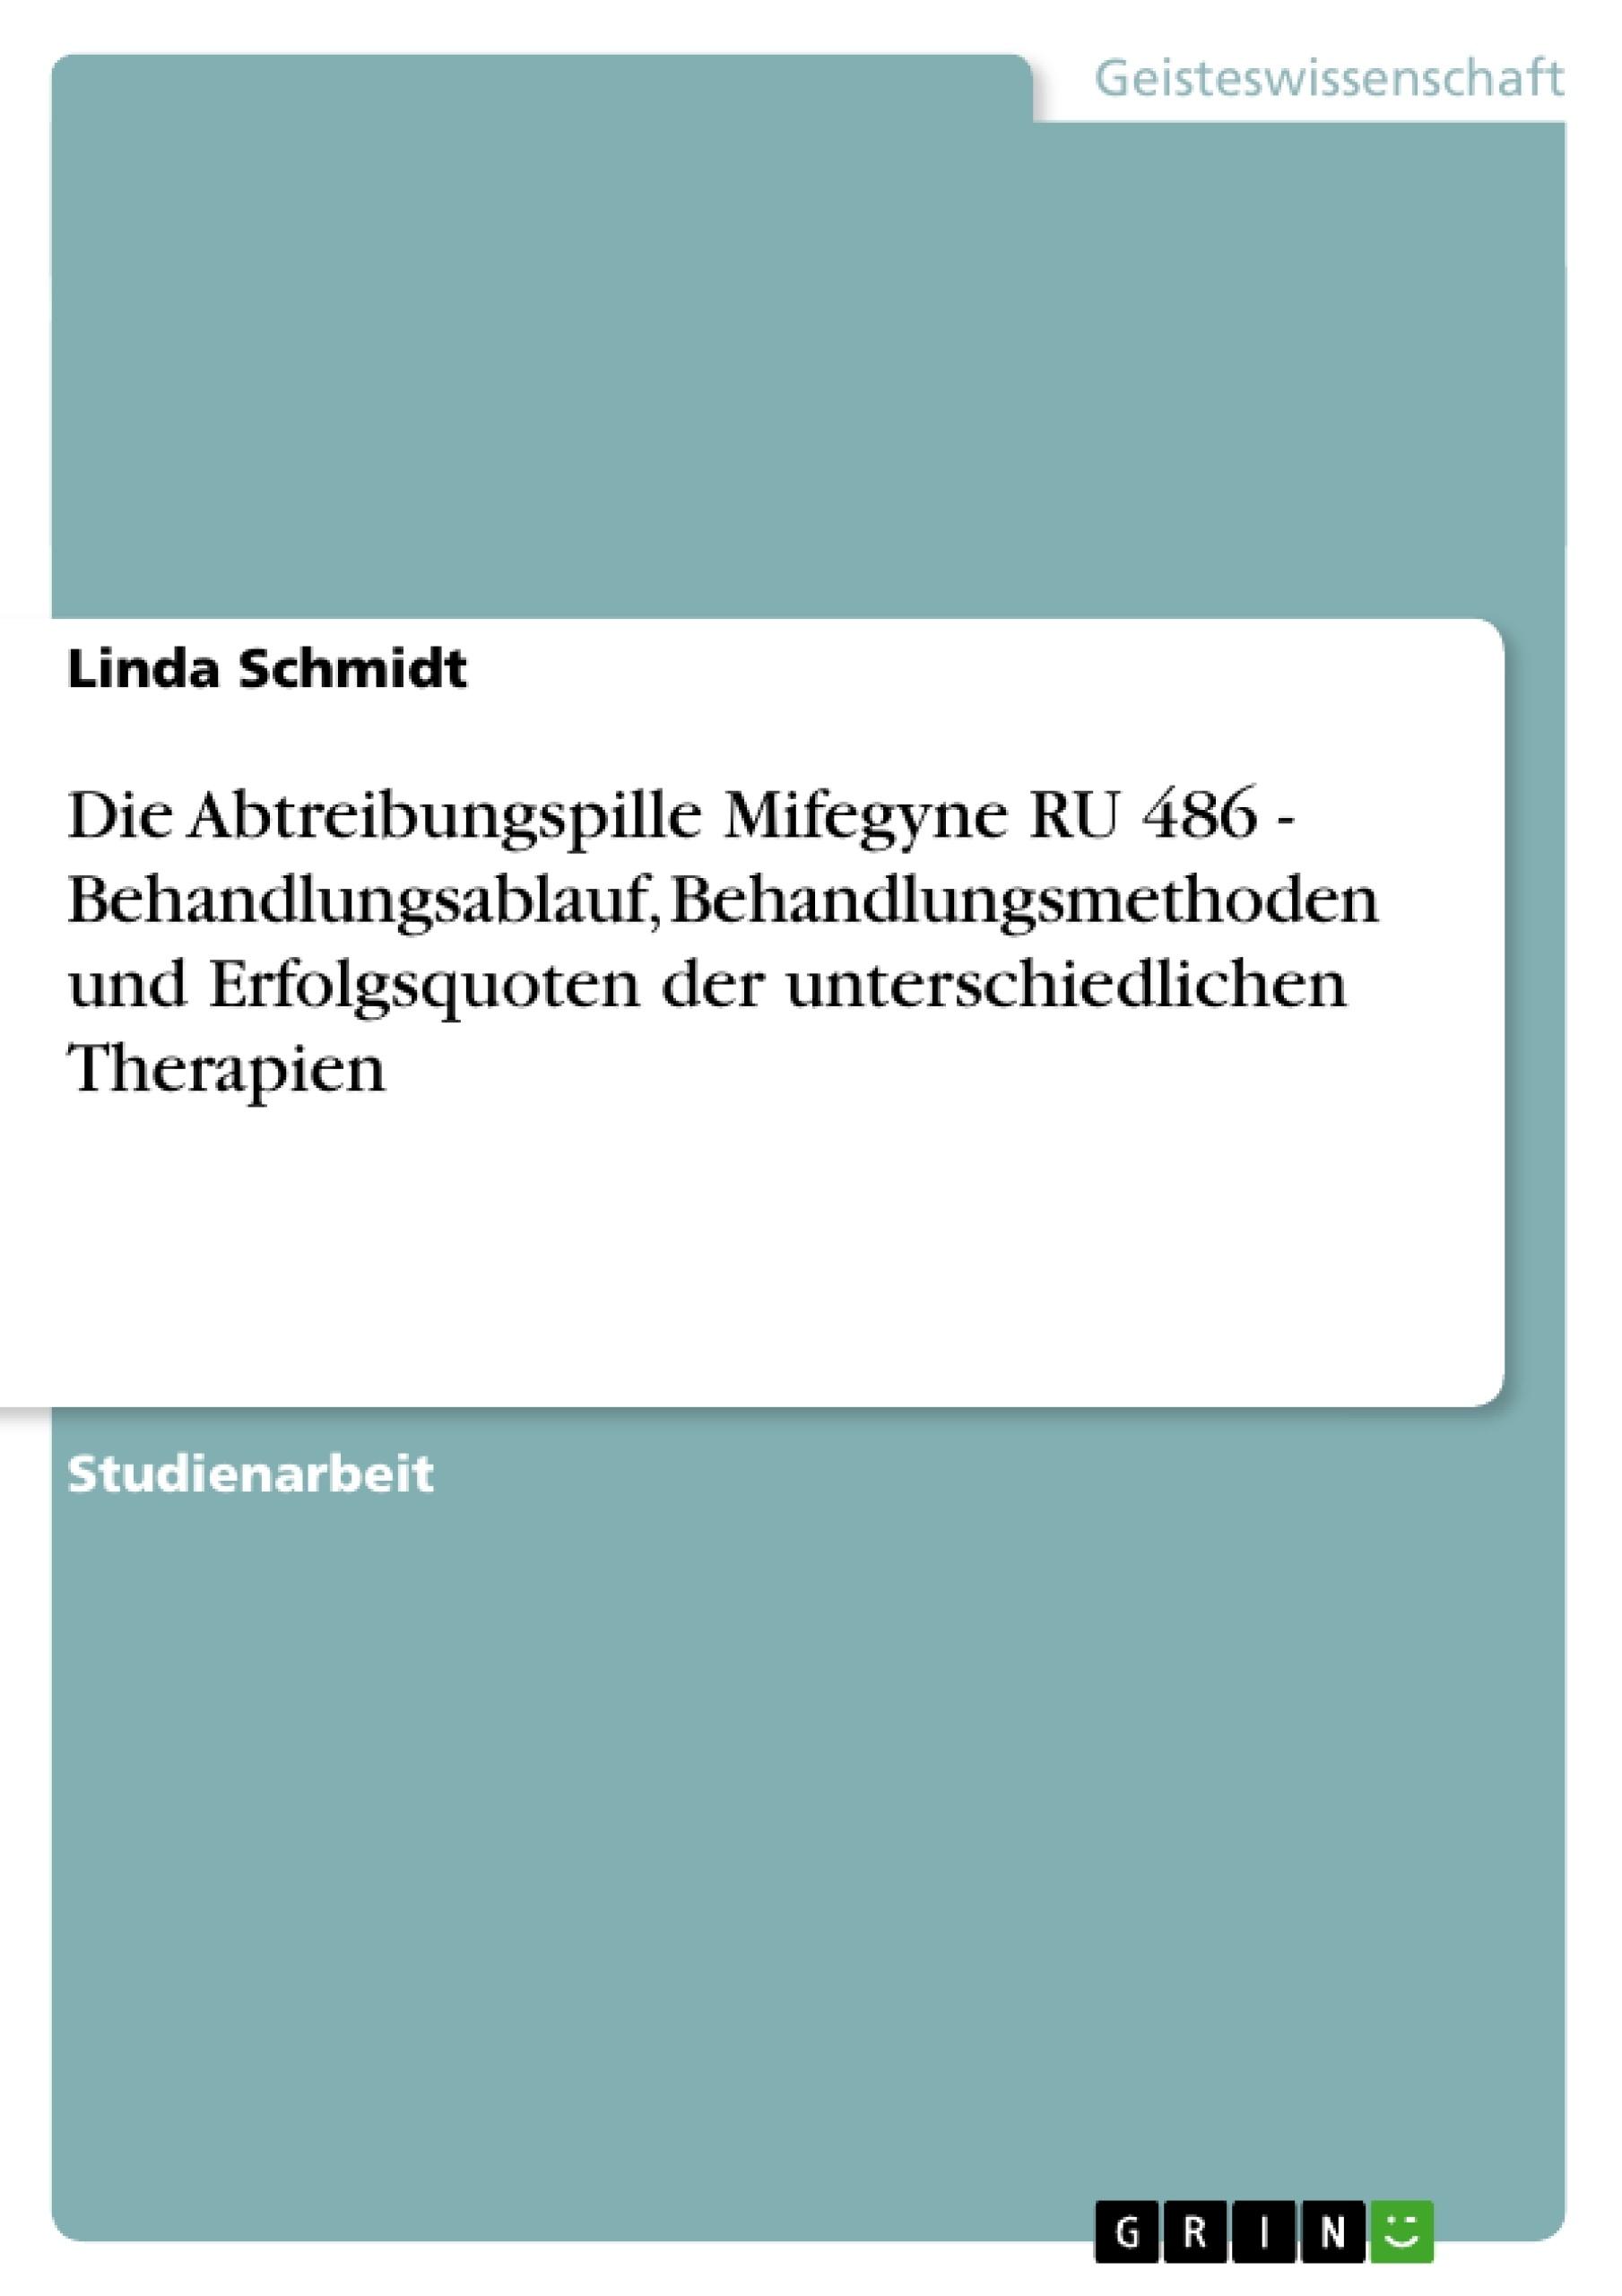 Titel: Die Abtreibungspille Mifegyne RU 486 - Behandlungsablauf, Behandlungsmethoden und  Erfolgsquoten der unterschiedlichen Therapien